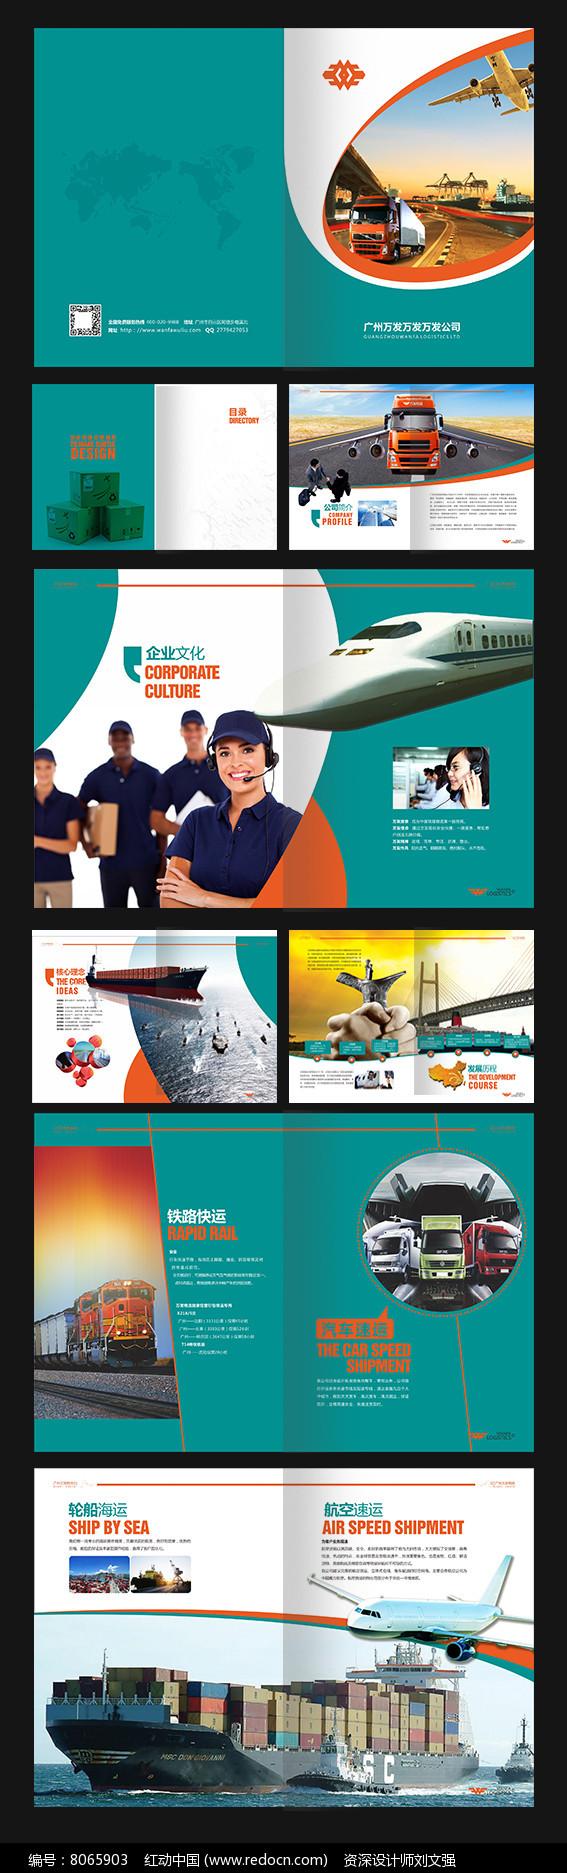 高端大气企业画册图片